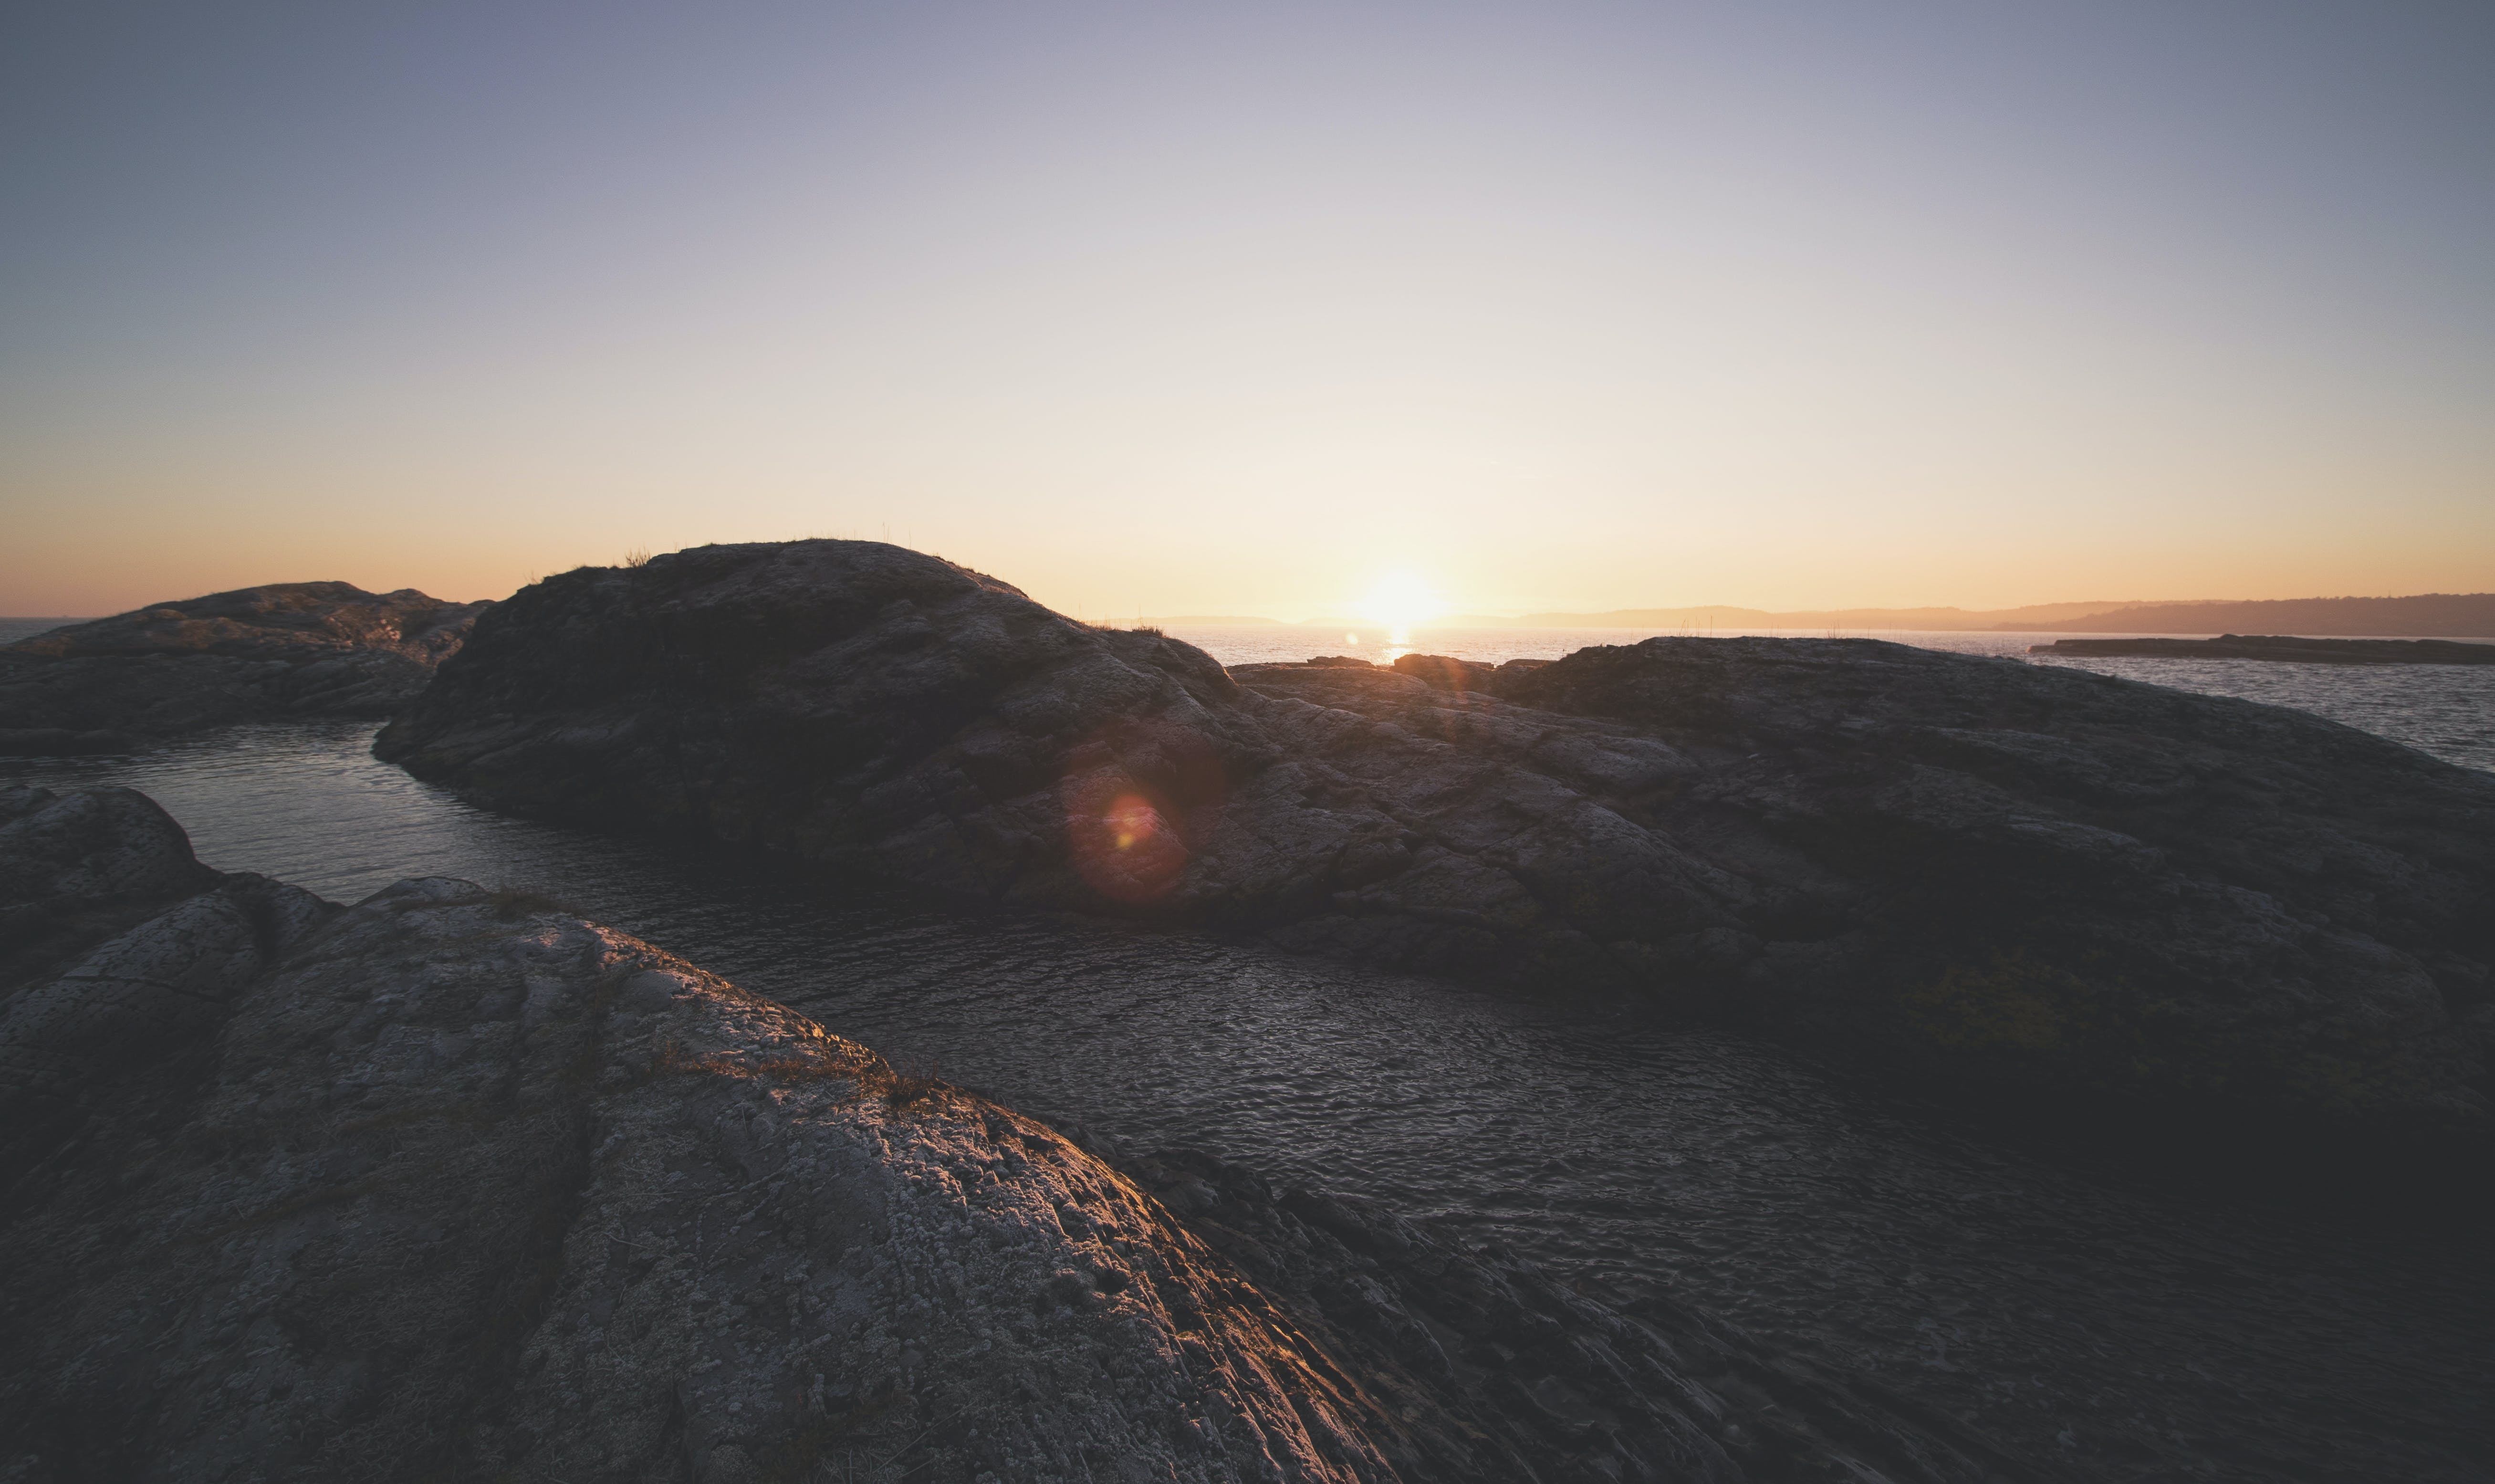 Sunset in the Mountain Illustration